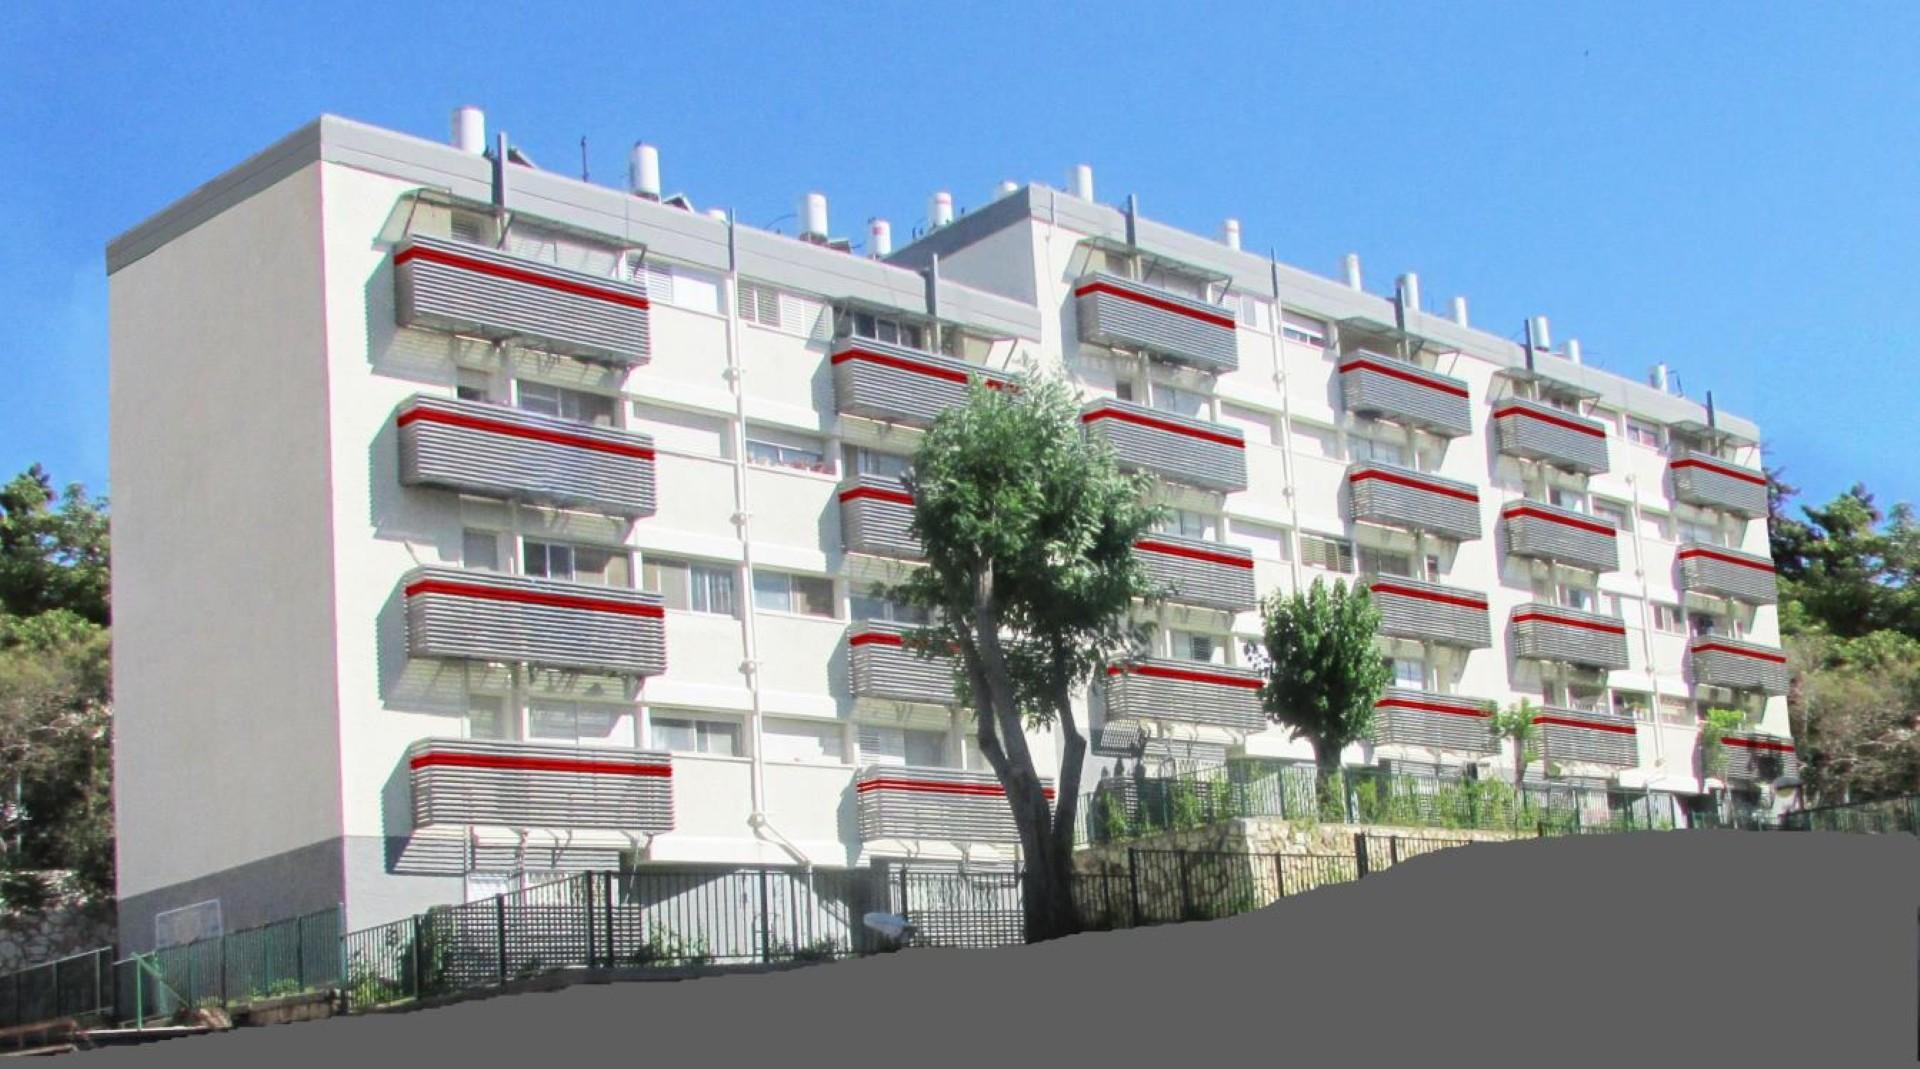 הדמיית שיקום שכונות (באדיבות עיריית מגדל העמק) (צילומים: באדיבות עיריית מגדל העמק) (צילומים: באדיבות עיריית מגדל העמק)